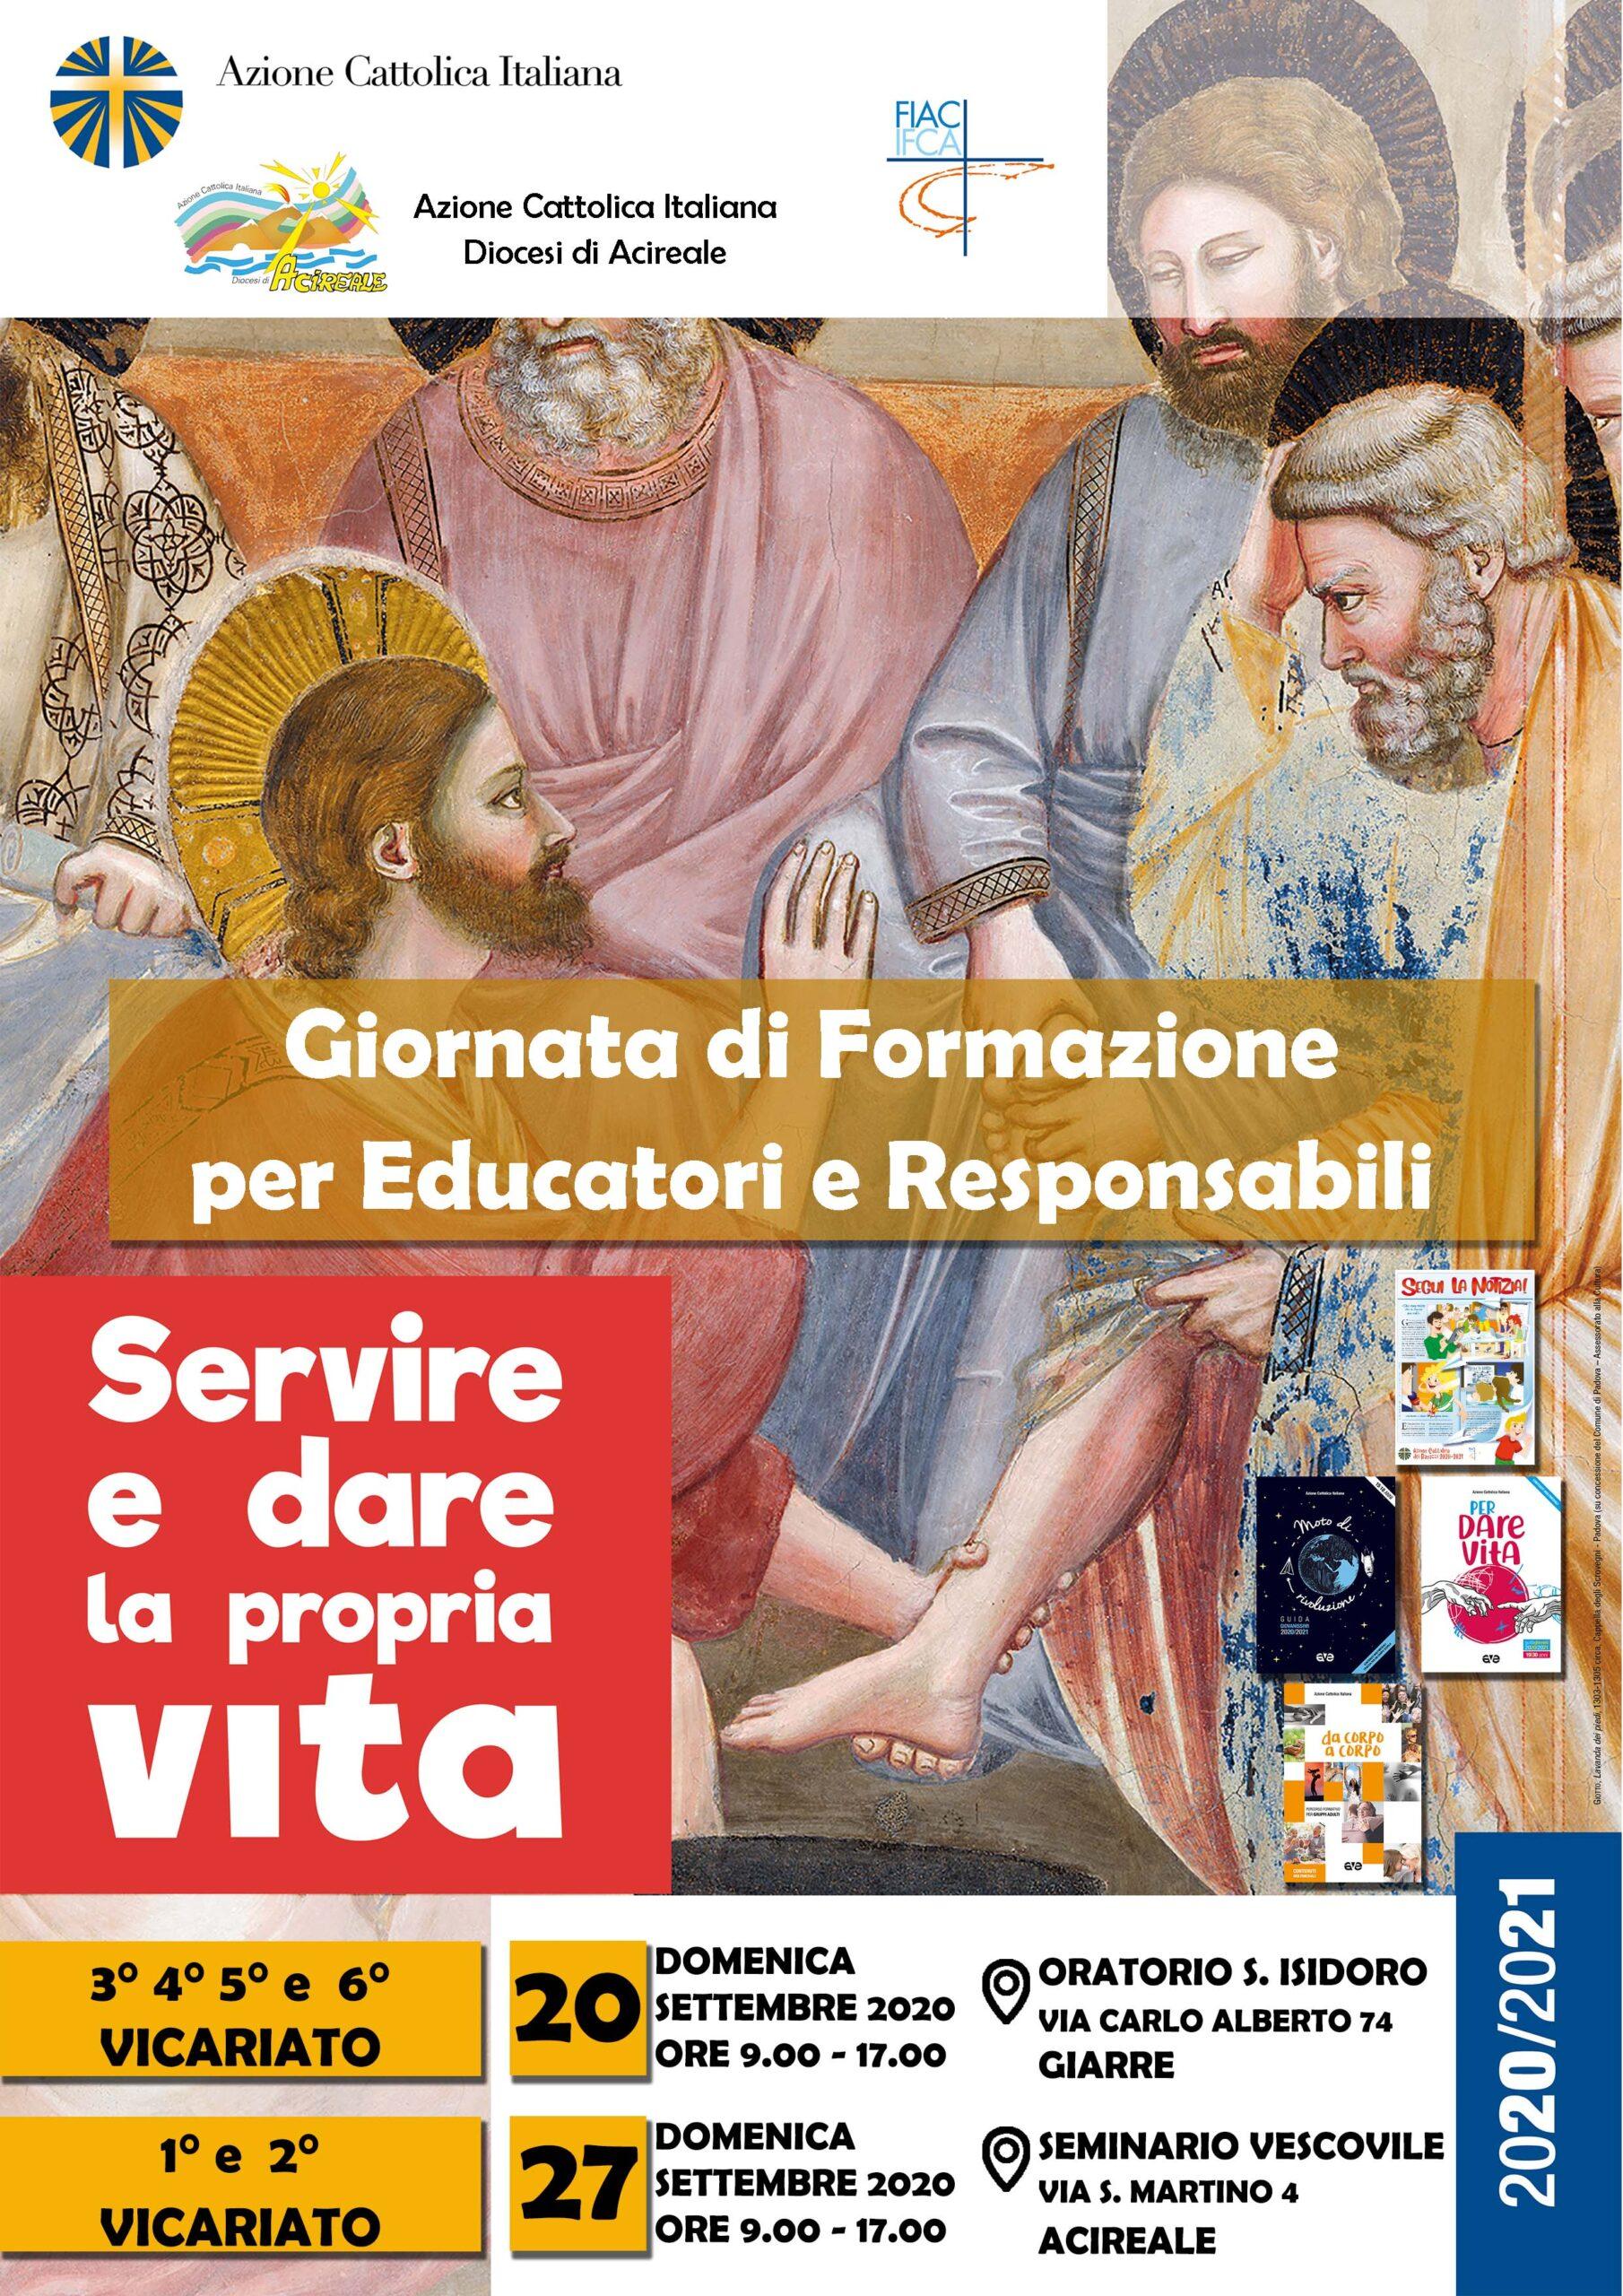 Giornata di formazione per educatori e responsabili